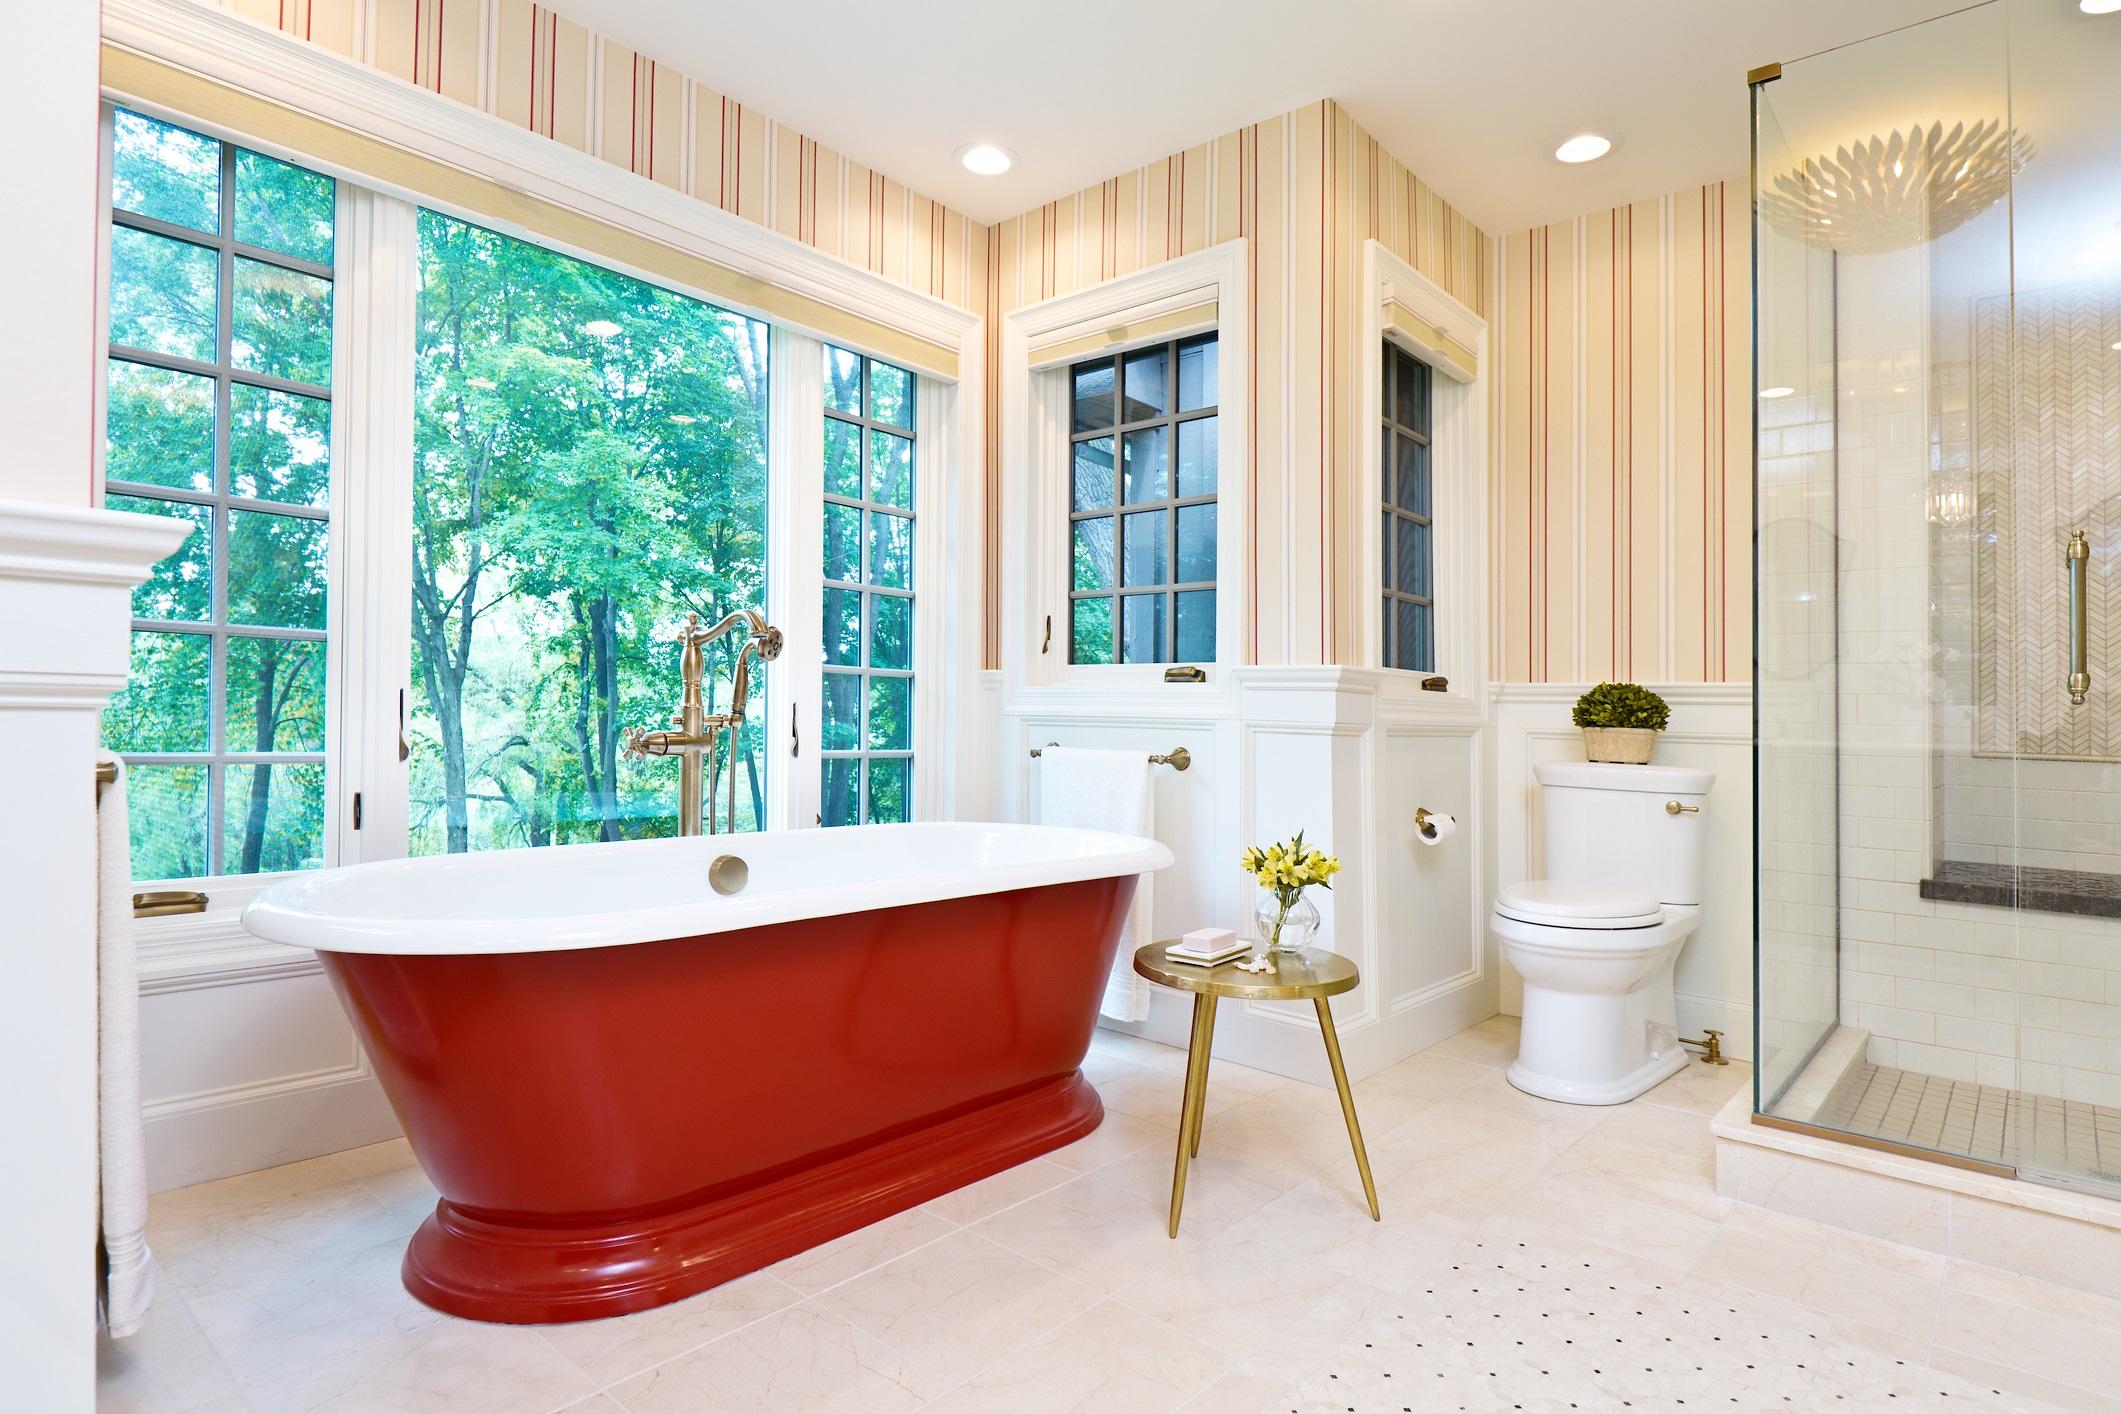 comment amenager une salle de bain anglaise en 6 etapes simples salle de bains zenidees